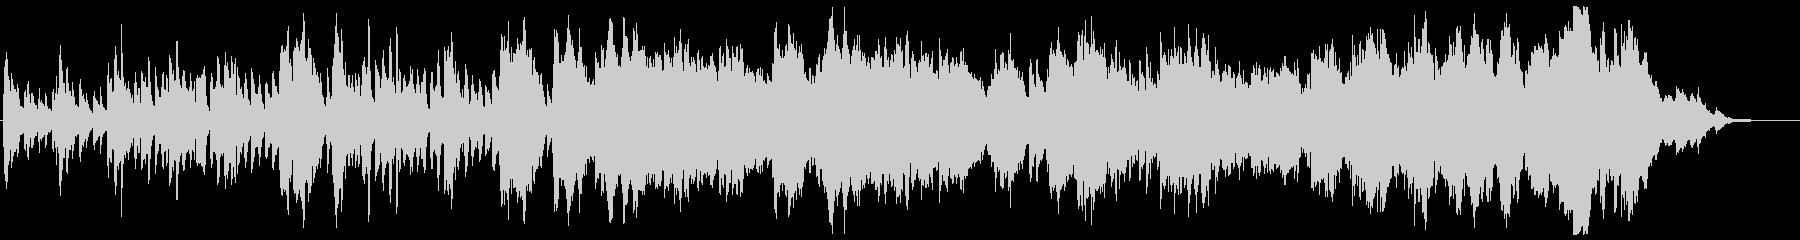 ファンタジーRPG系オーケストラBGMの未再生の波形